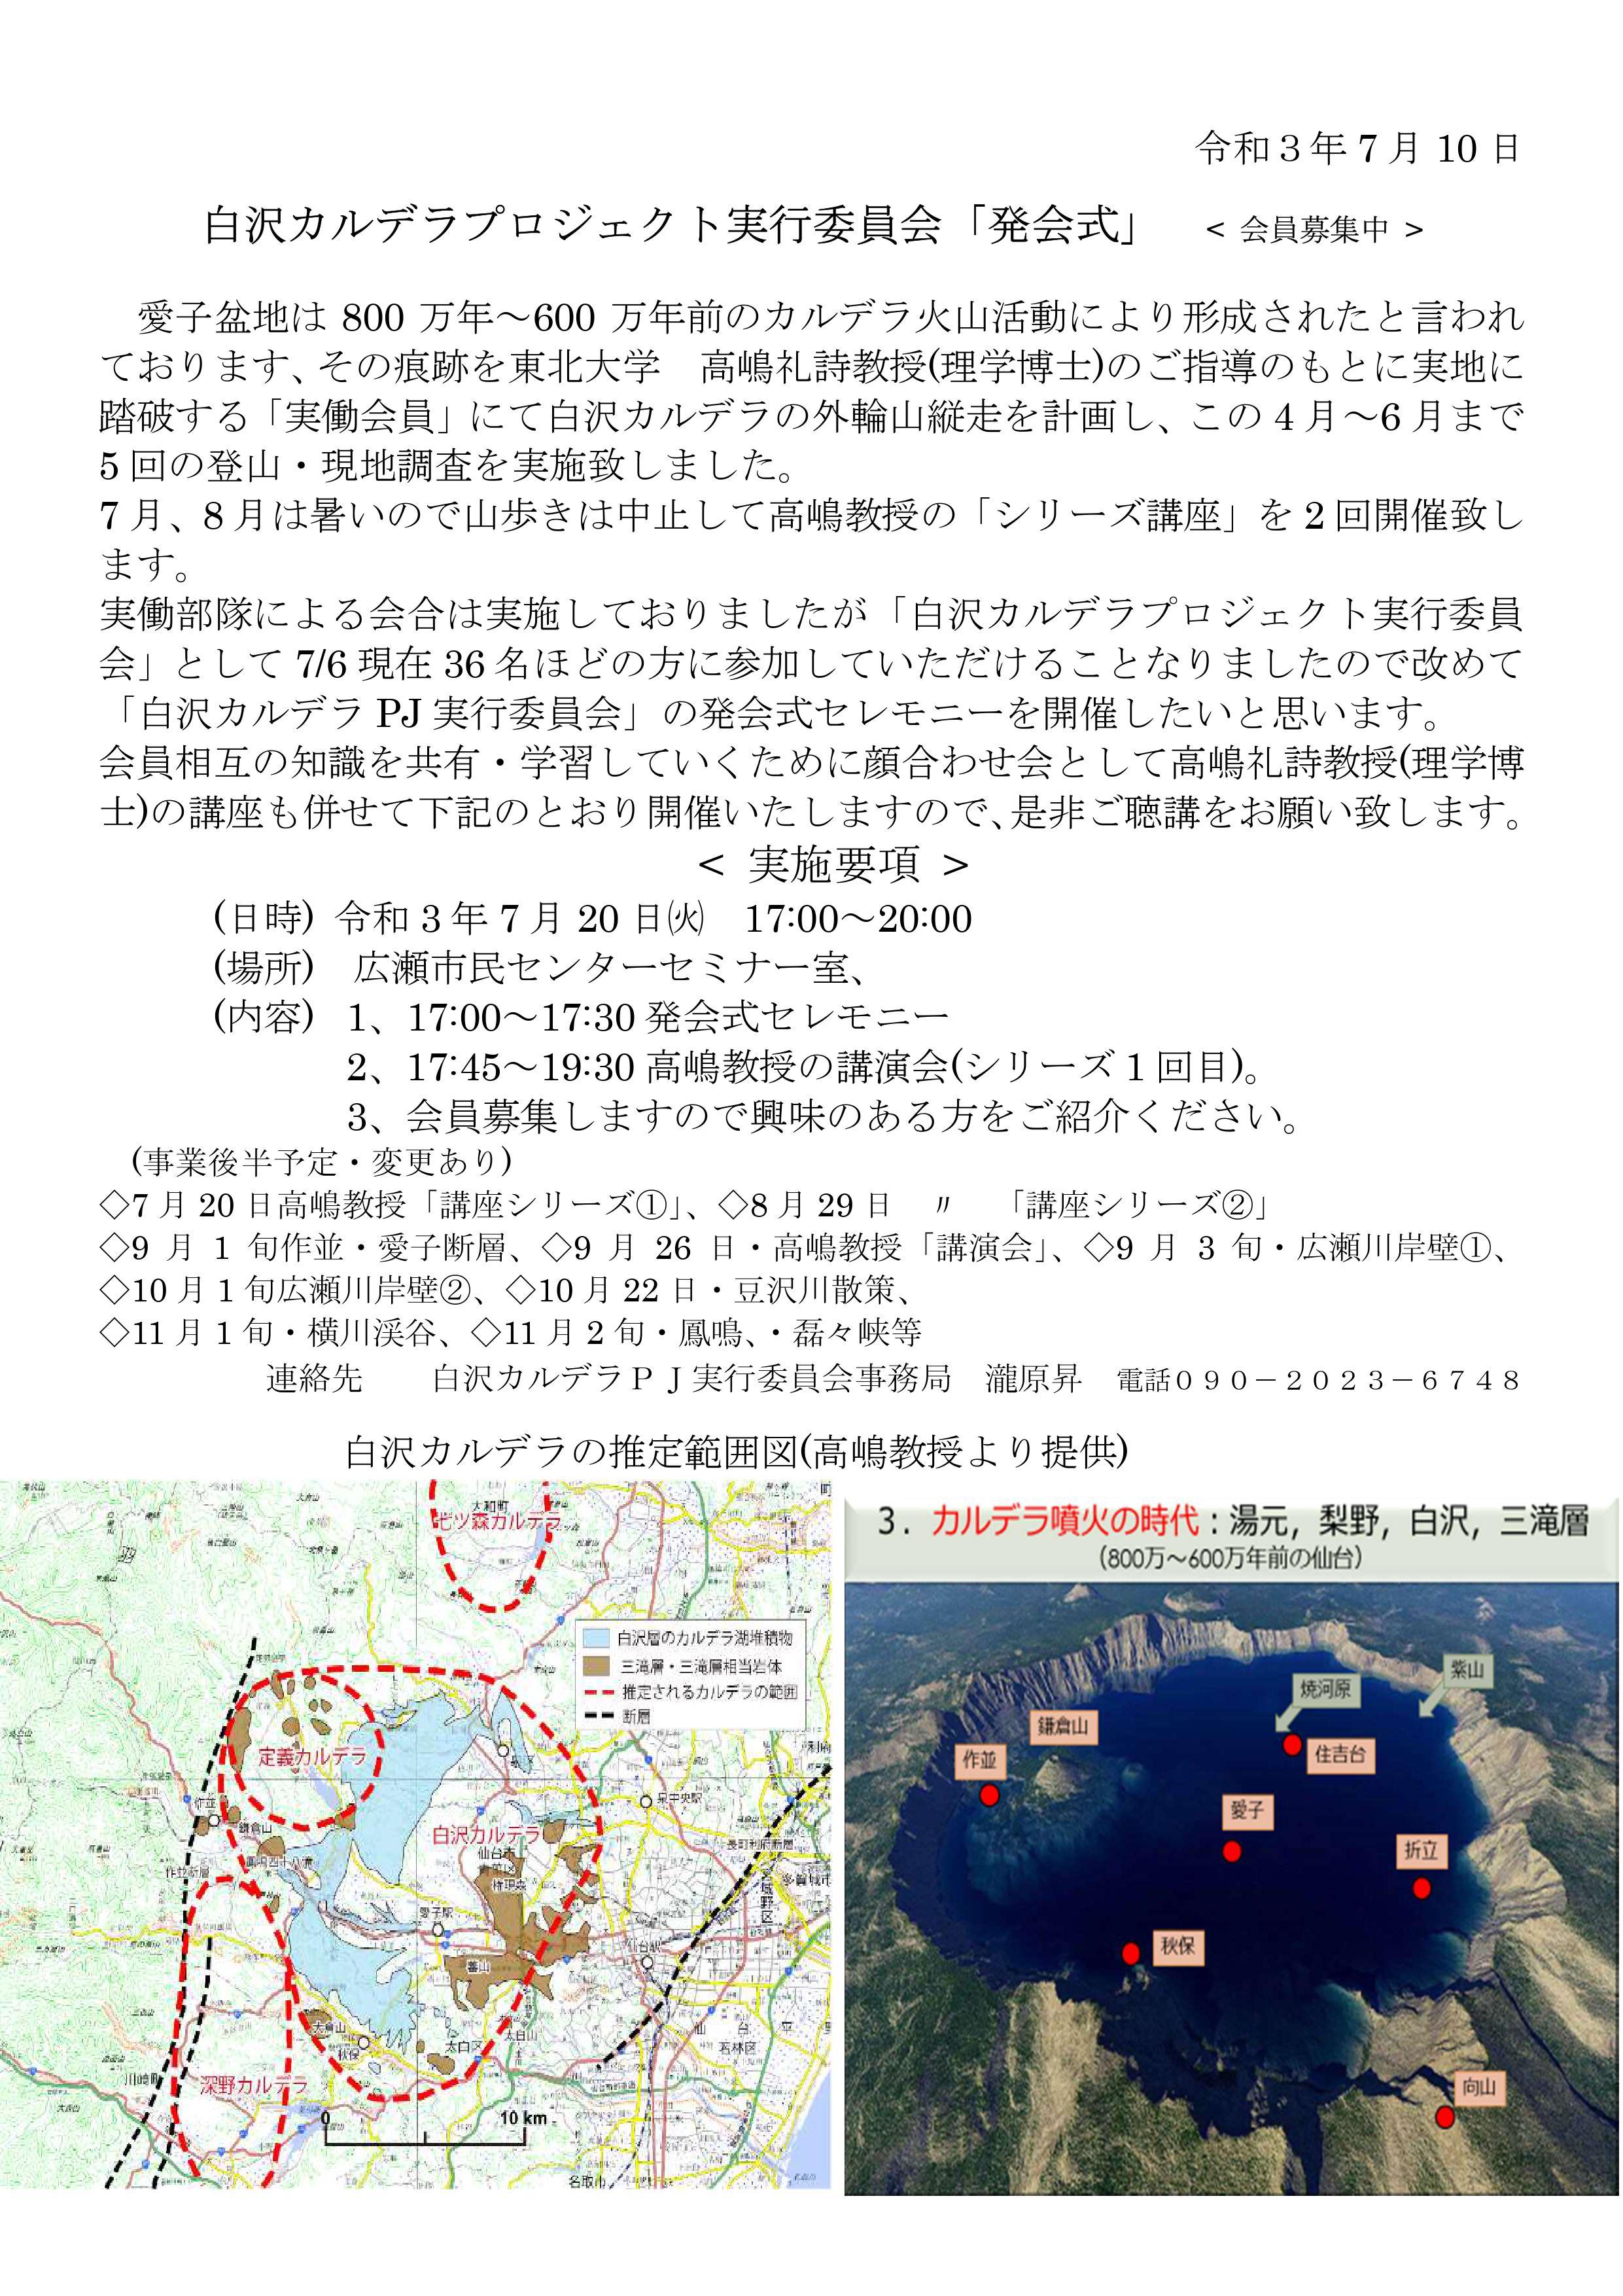 ◆7/20(火)「白沢カルデラ・広瀬川ジオパーク構想」白沢カルデラプロジェクト実行委員会「発会式」